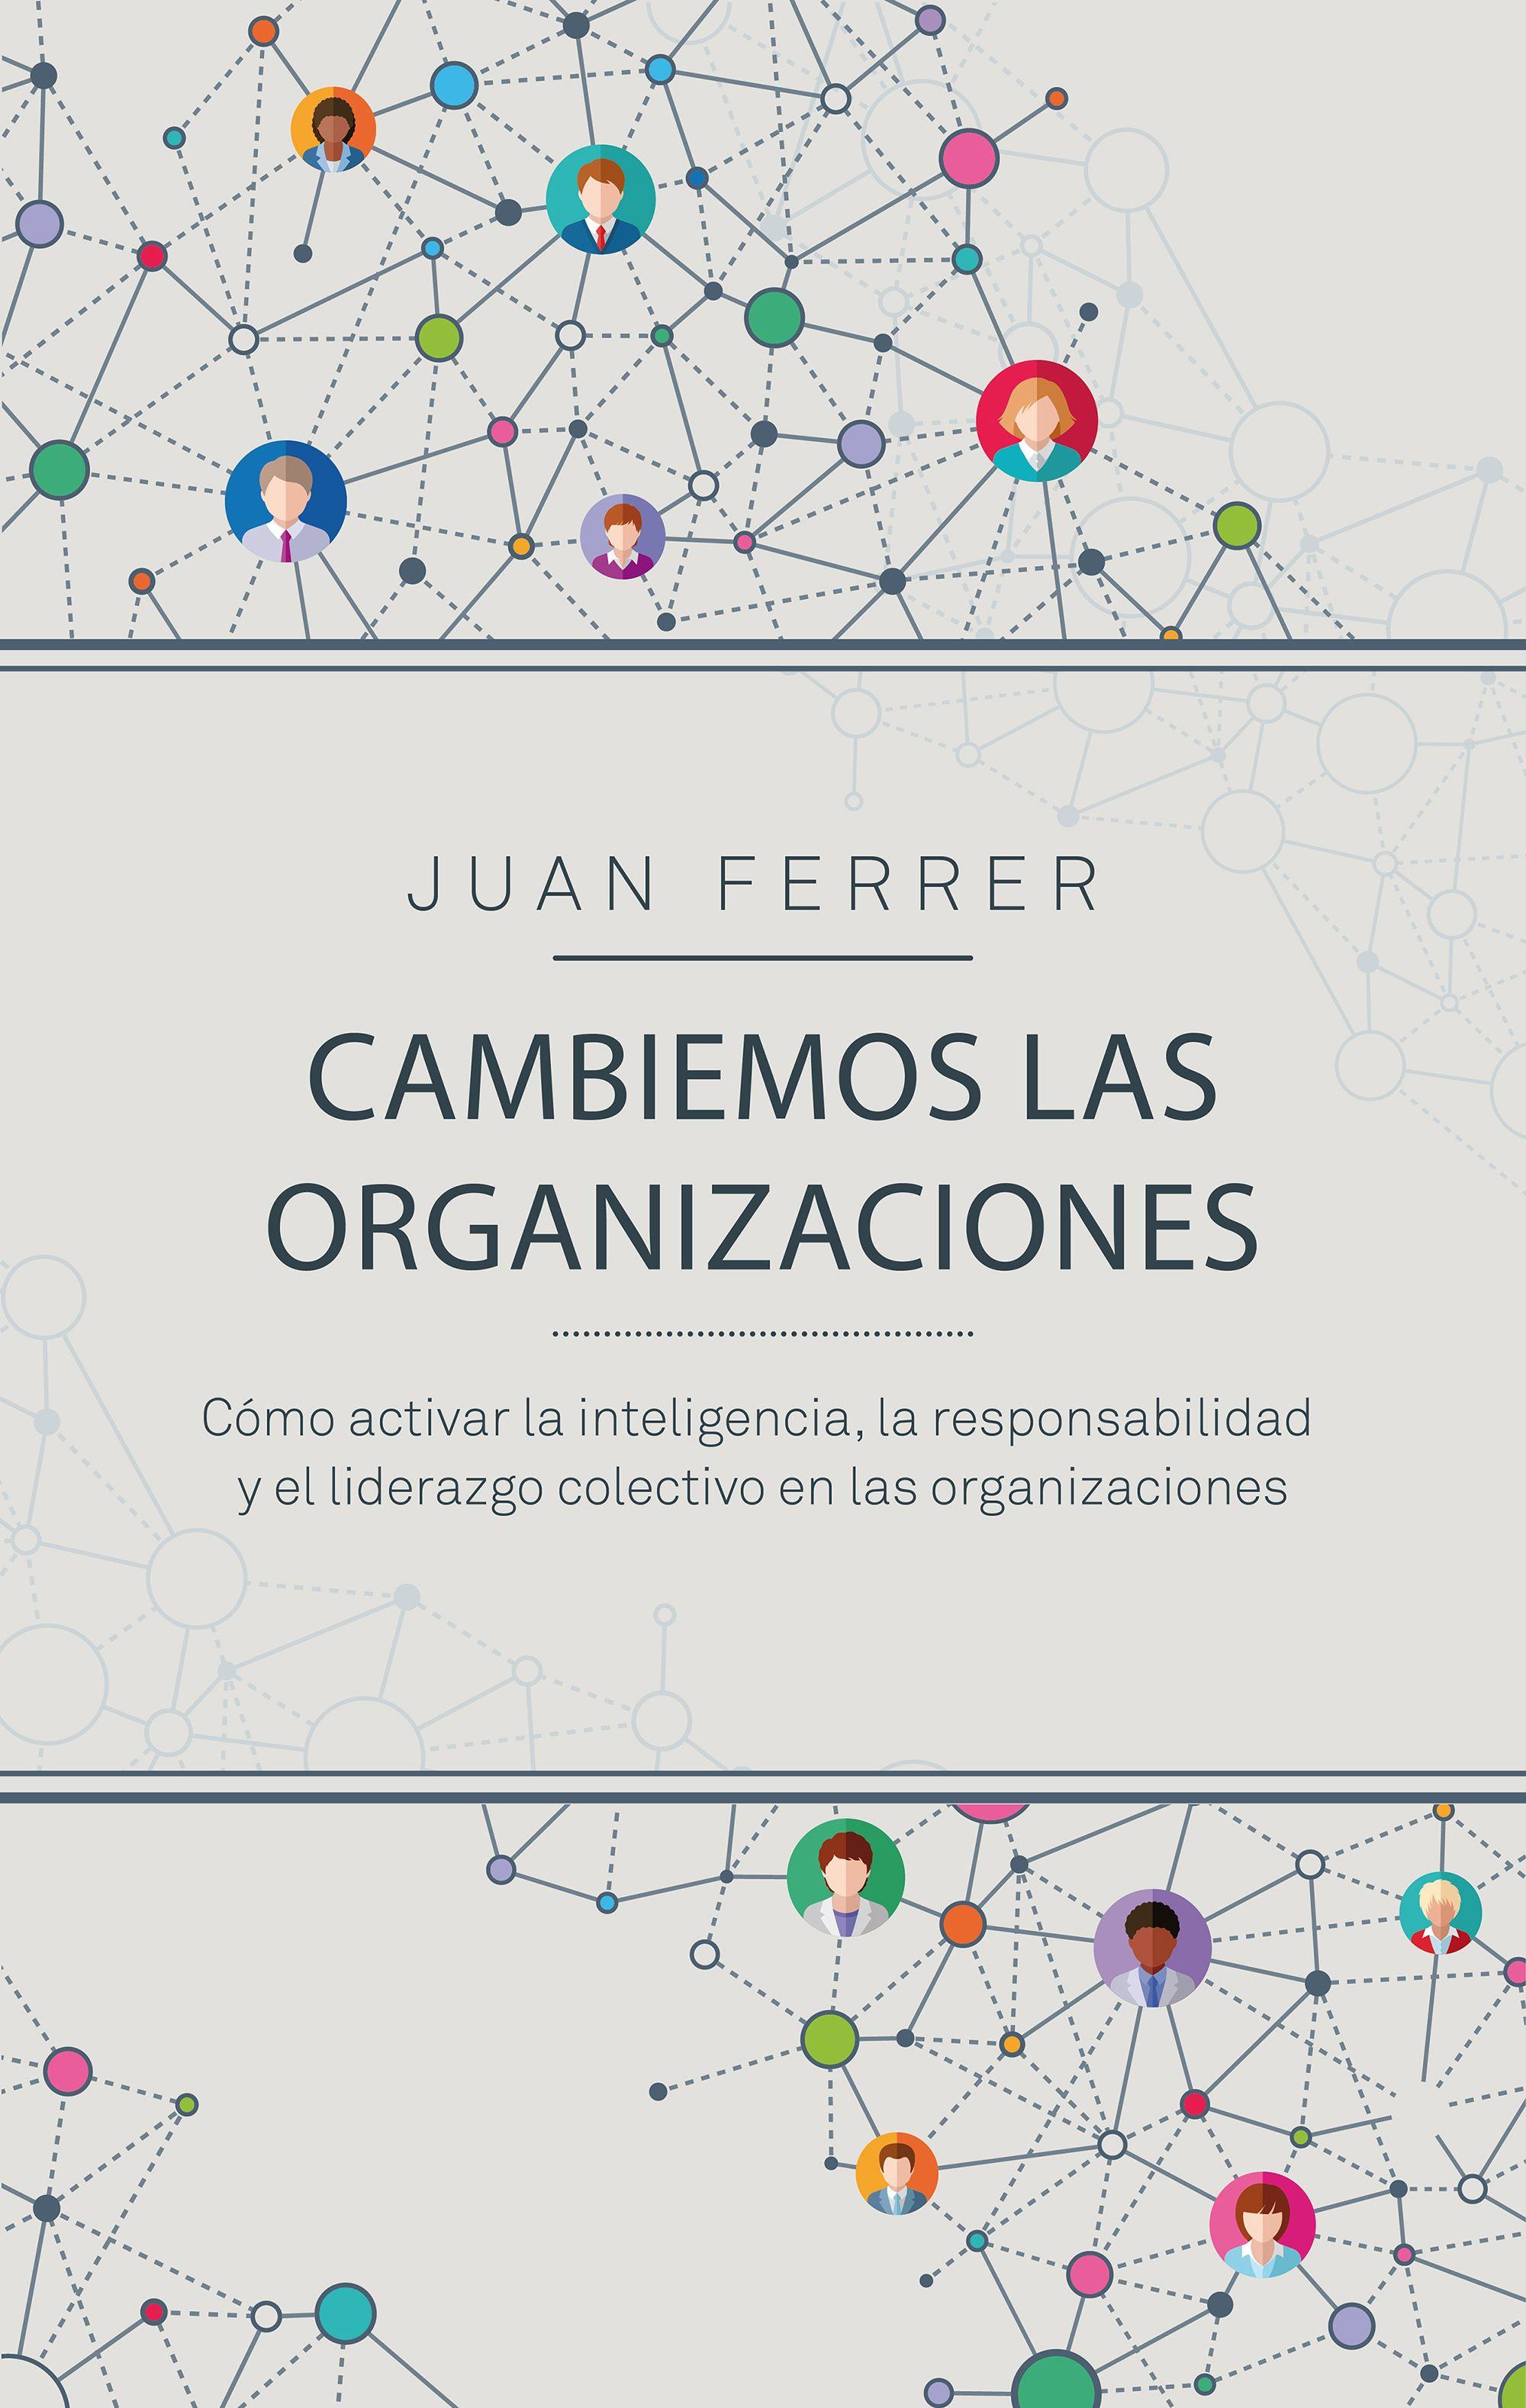 Cambiemos las organizaciones Cómo activar la inteligencia, la responsabilidad y el liderazgo colectivo en las organizaciones